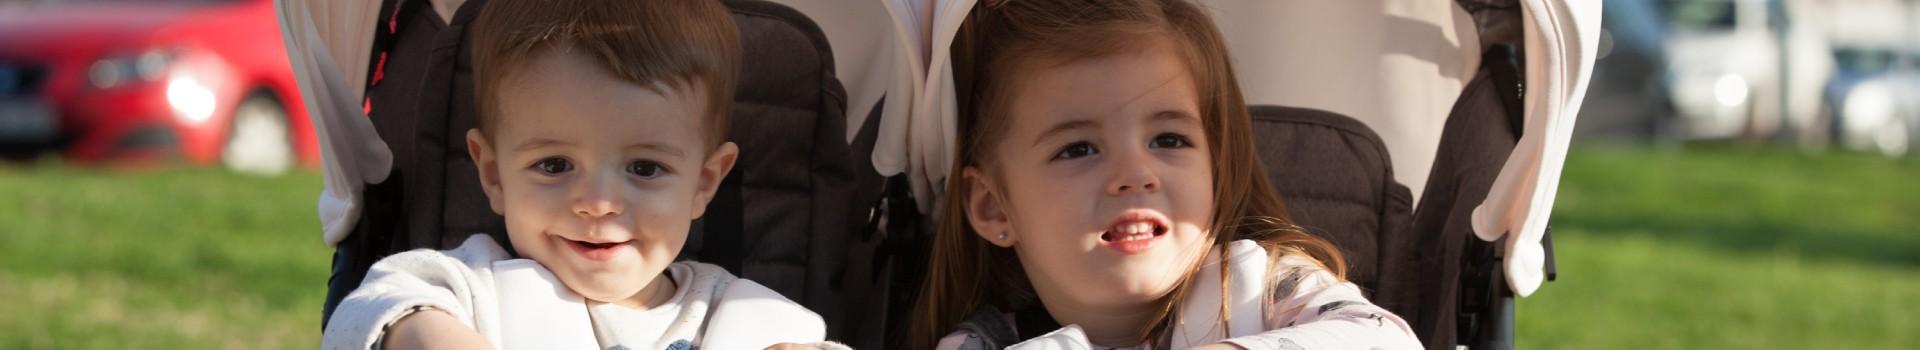 Barras delanteras para sillas de paseo bebé | Baby Monsters